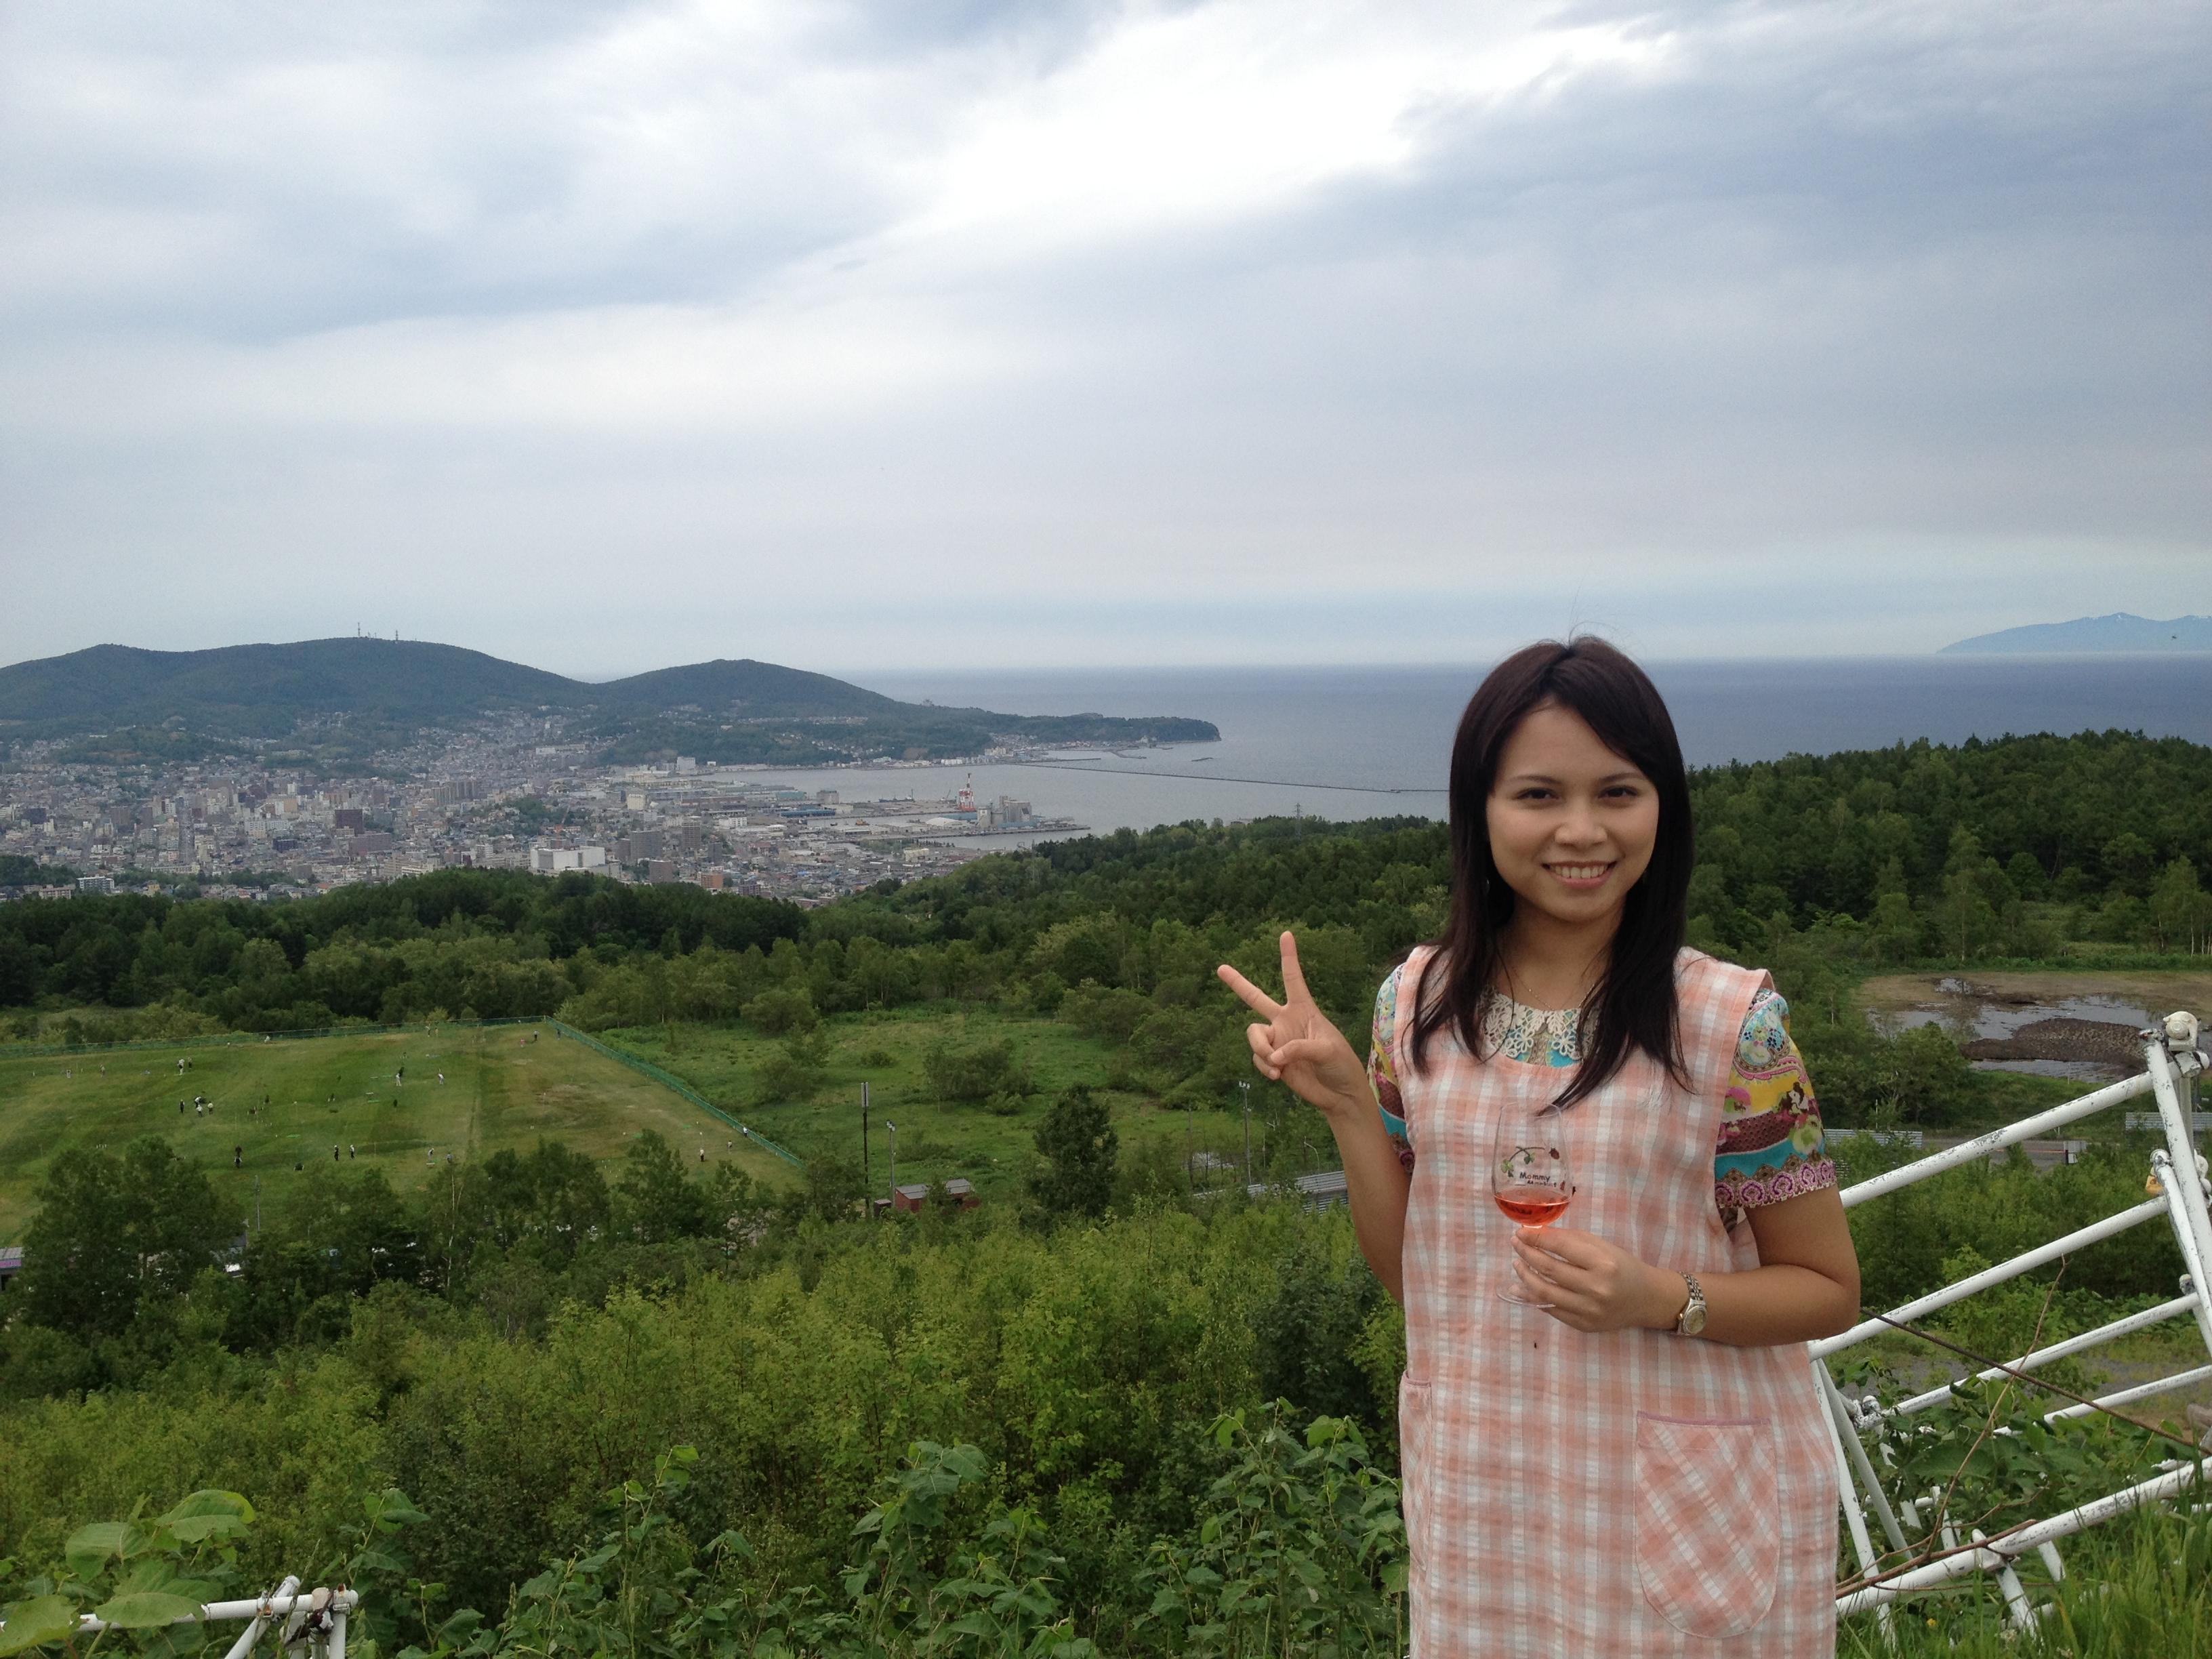 日本とタイを繋ぐ旅番組「ソトアソビ」第一話を公開しました!